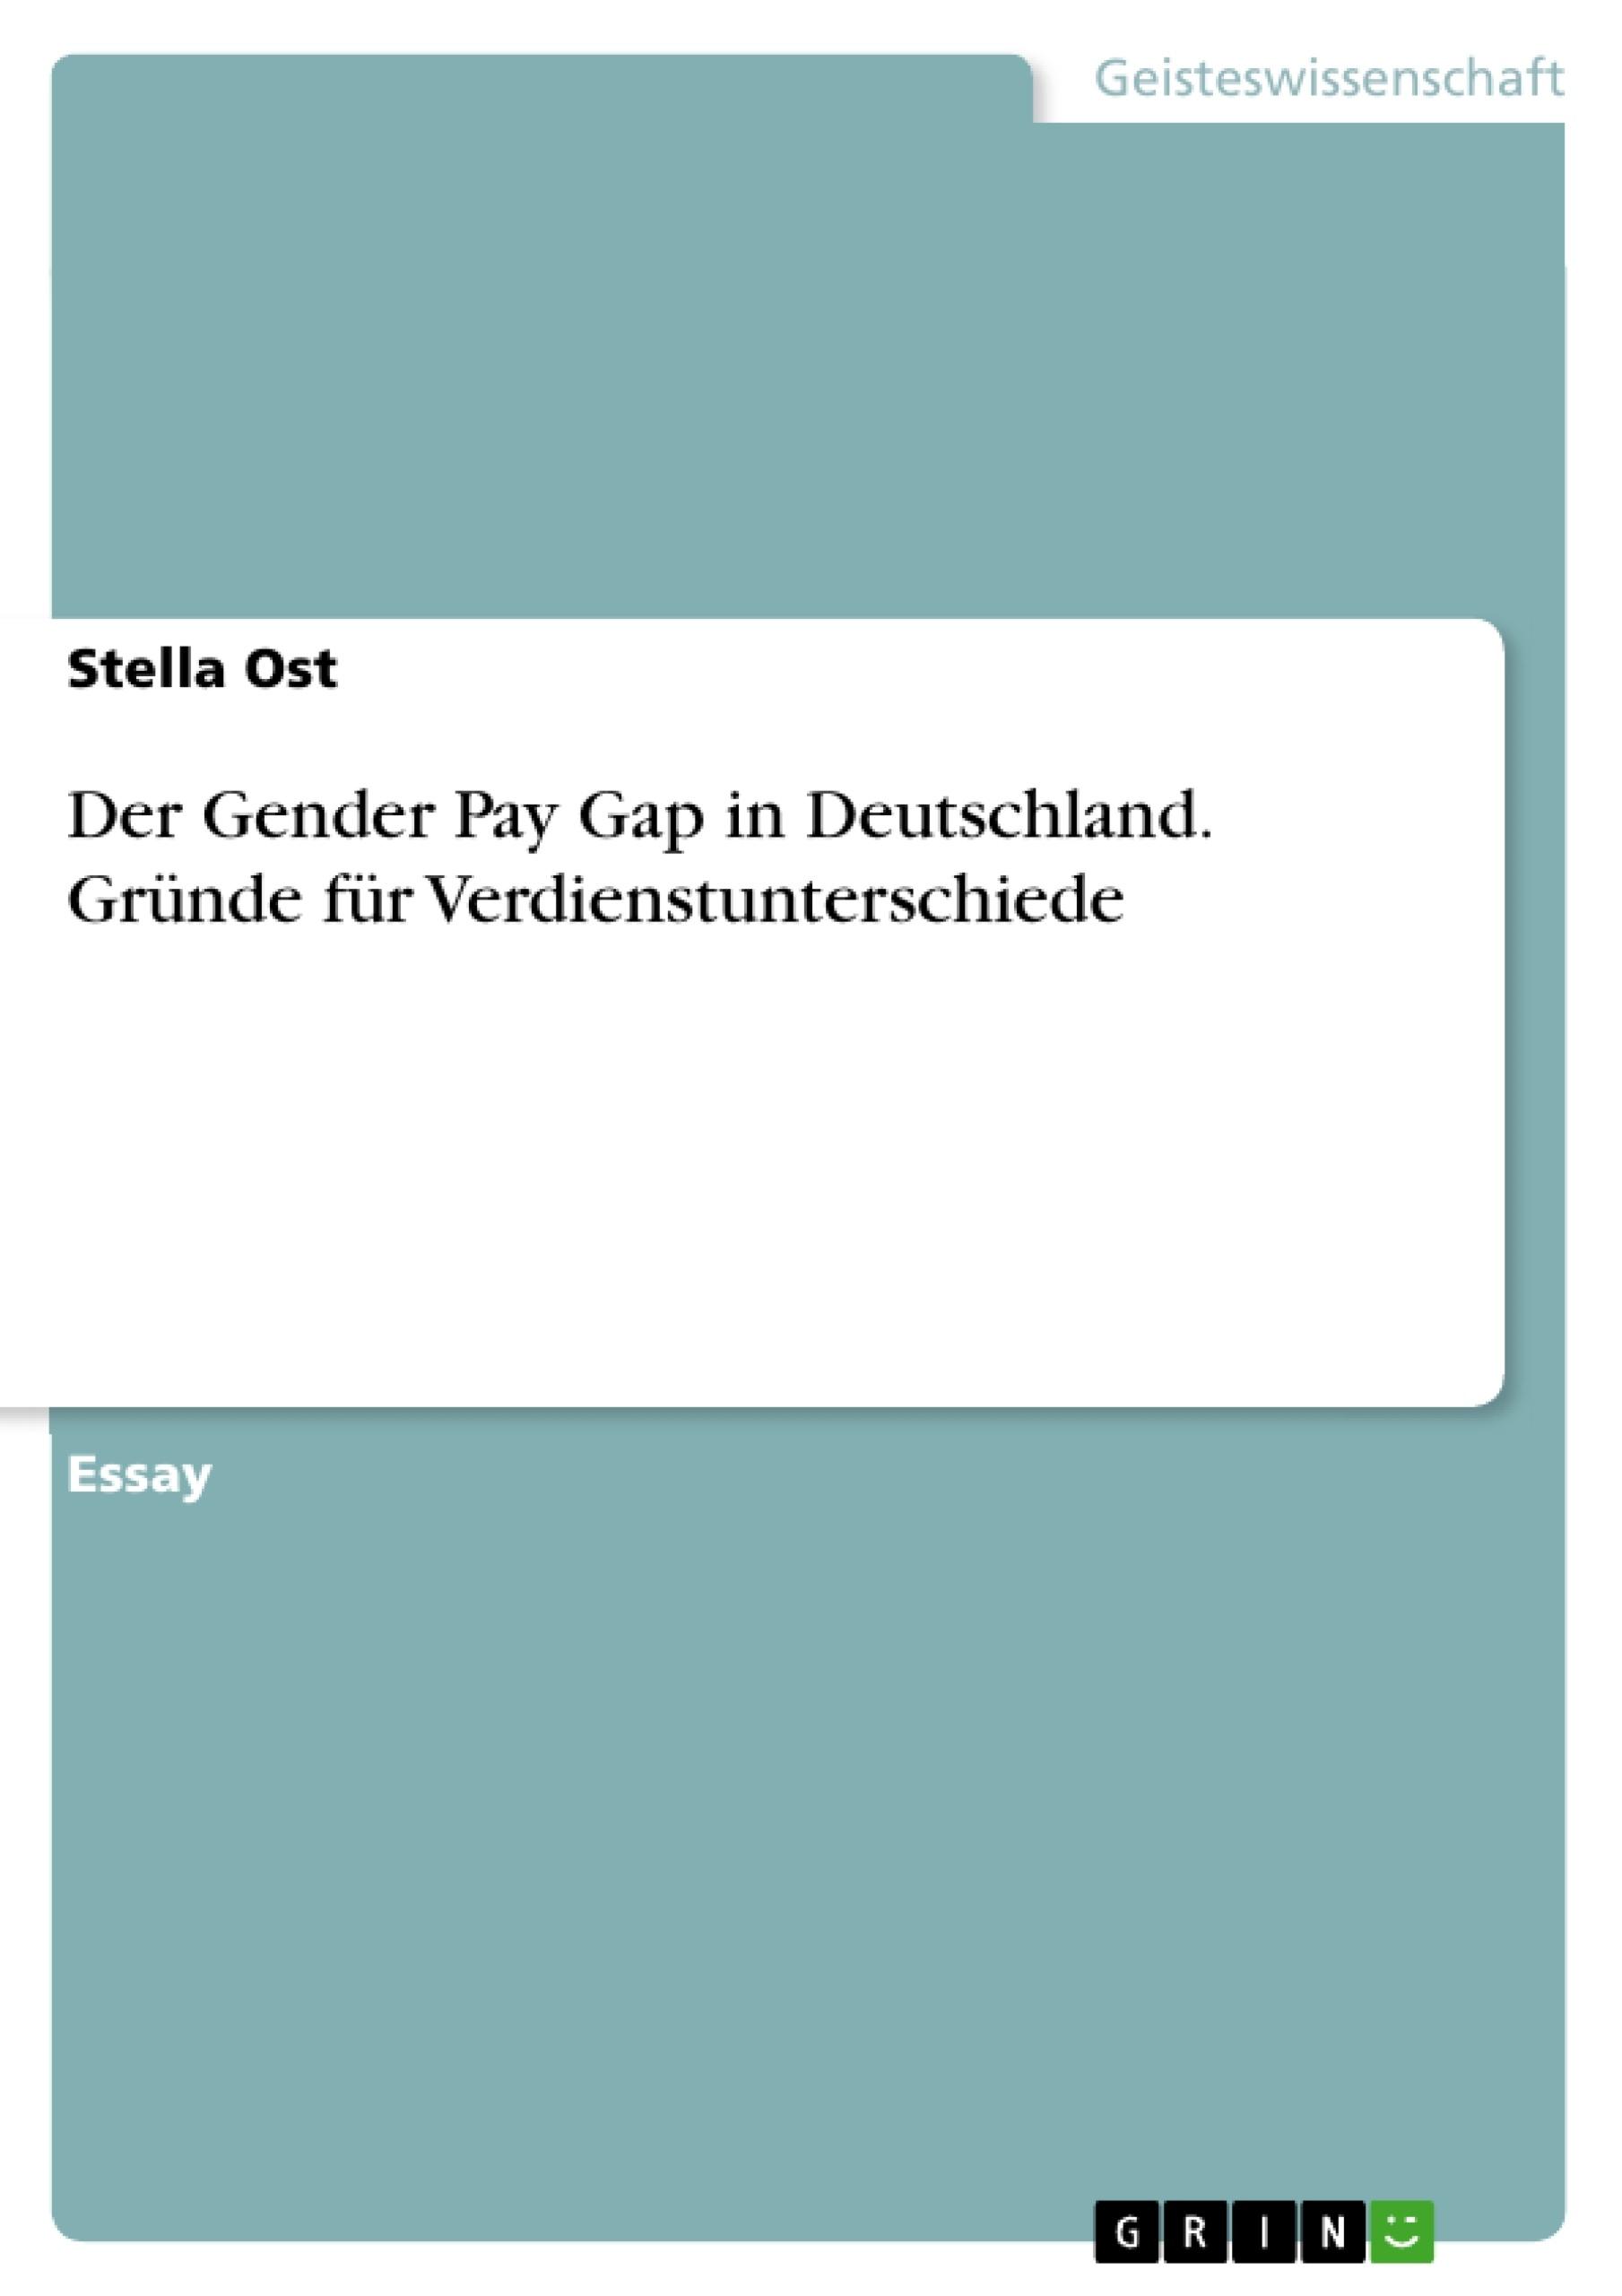 Titel: Der Gender Pay Gap in Deutschland. Gründe für Verdienstunterschiede